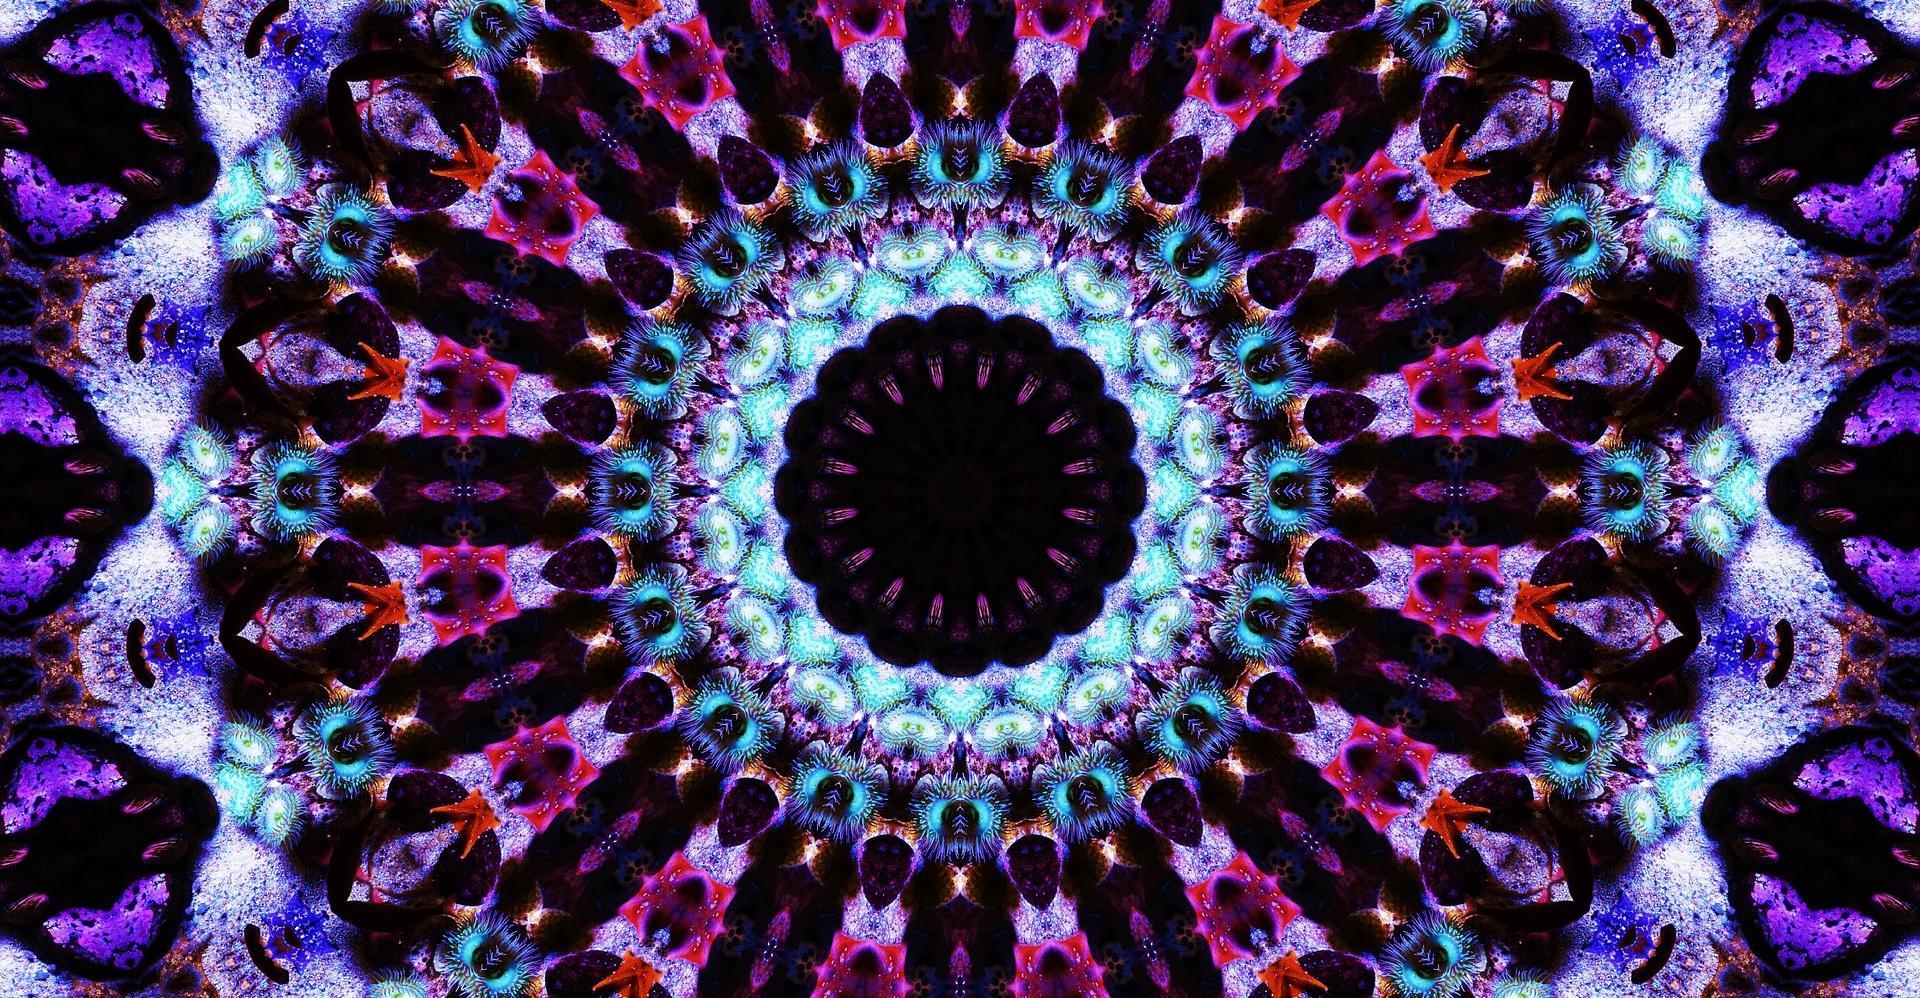 kaleidoscope-1945279_1920